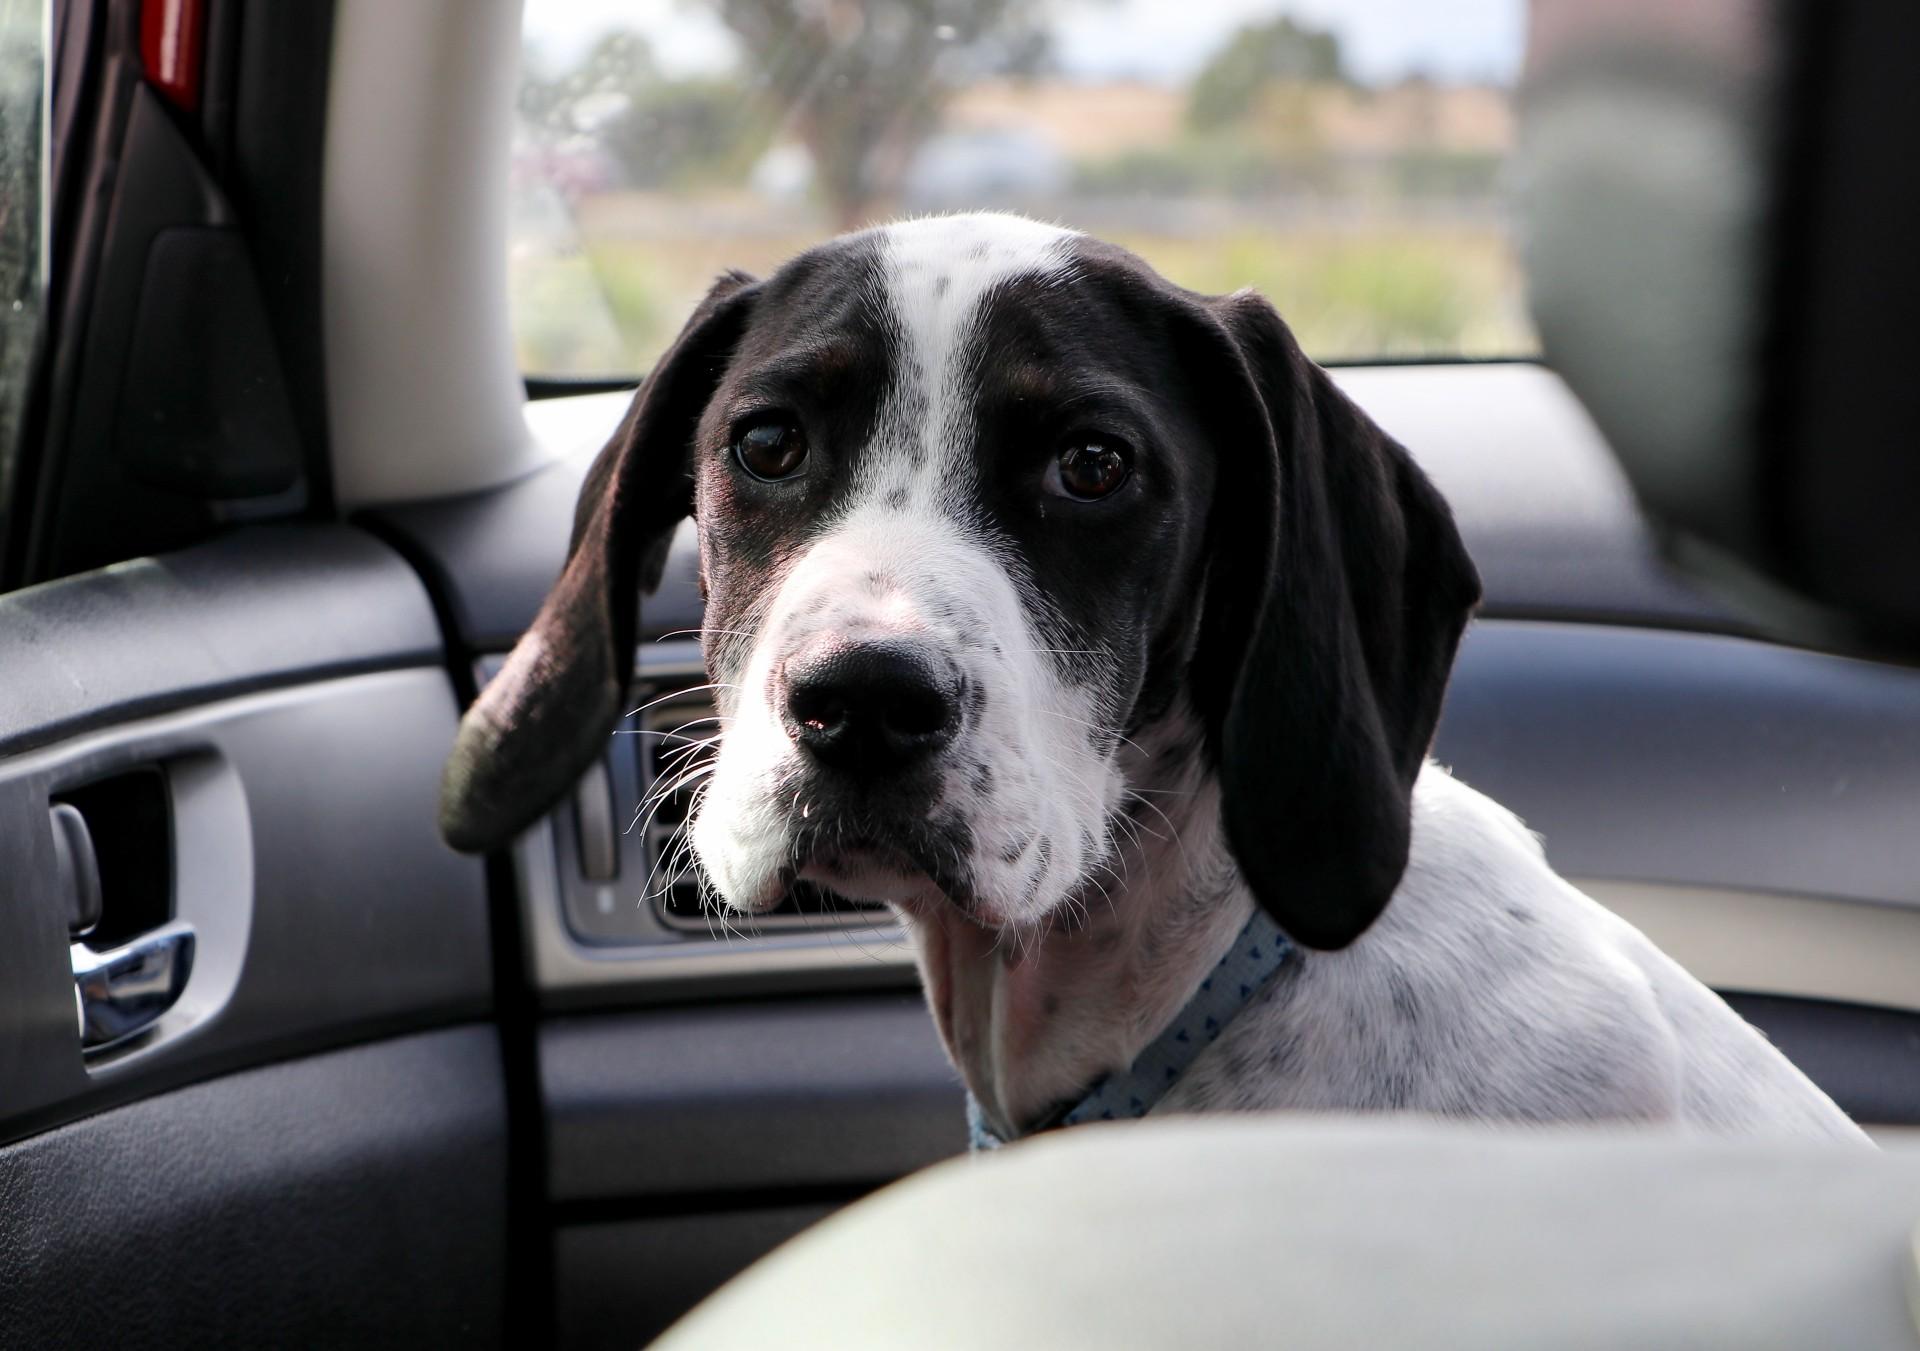 dog in car 2.jpg (334 KB)